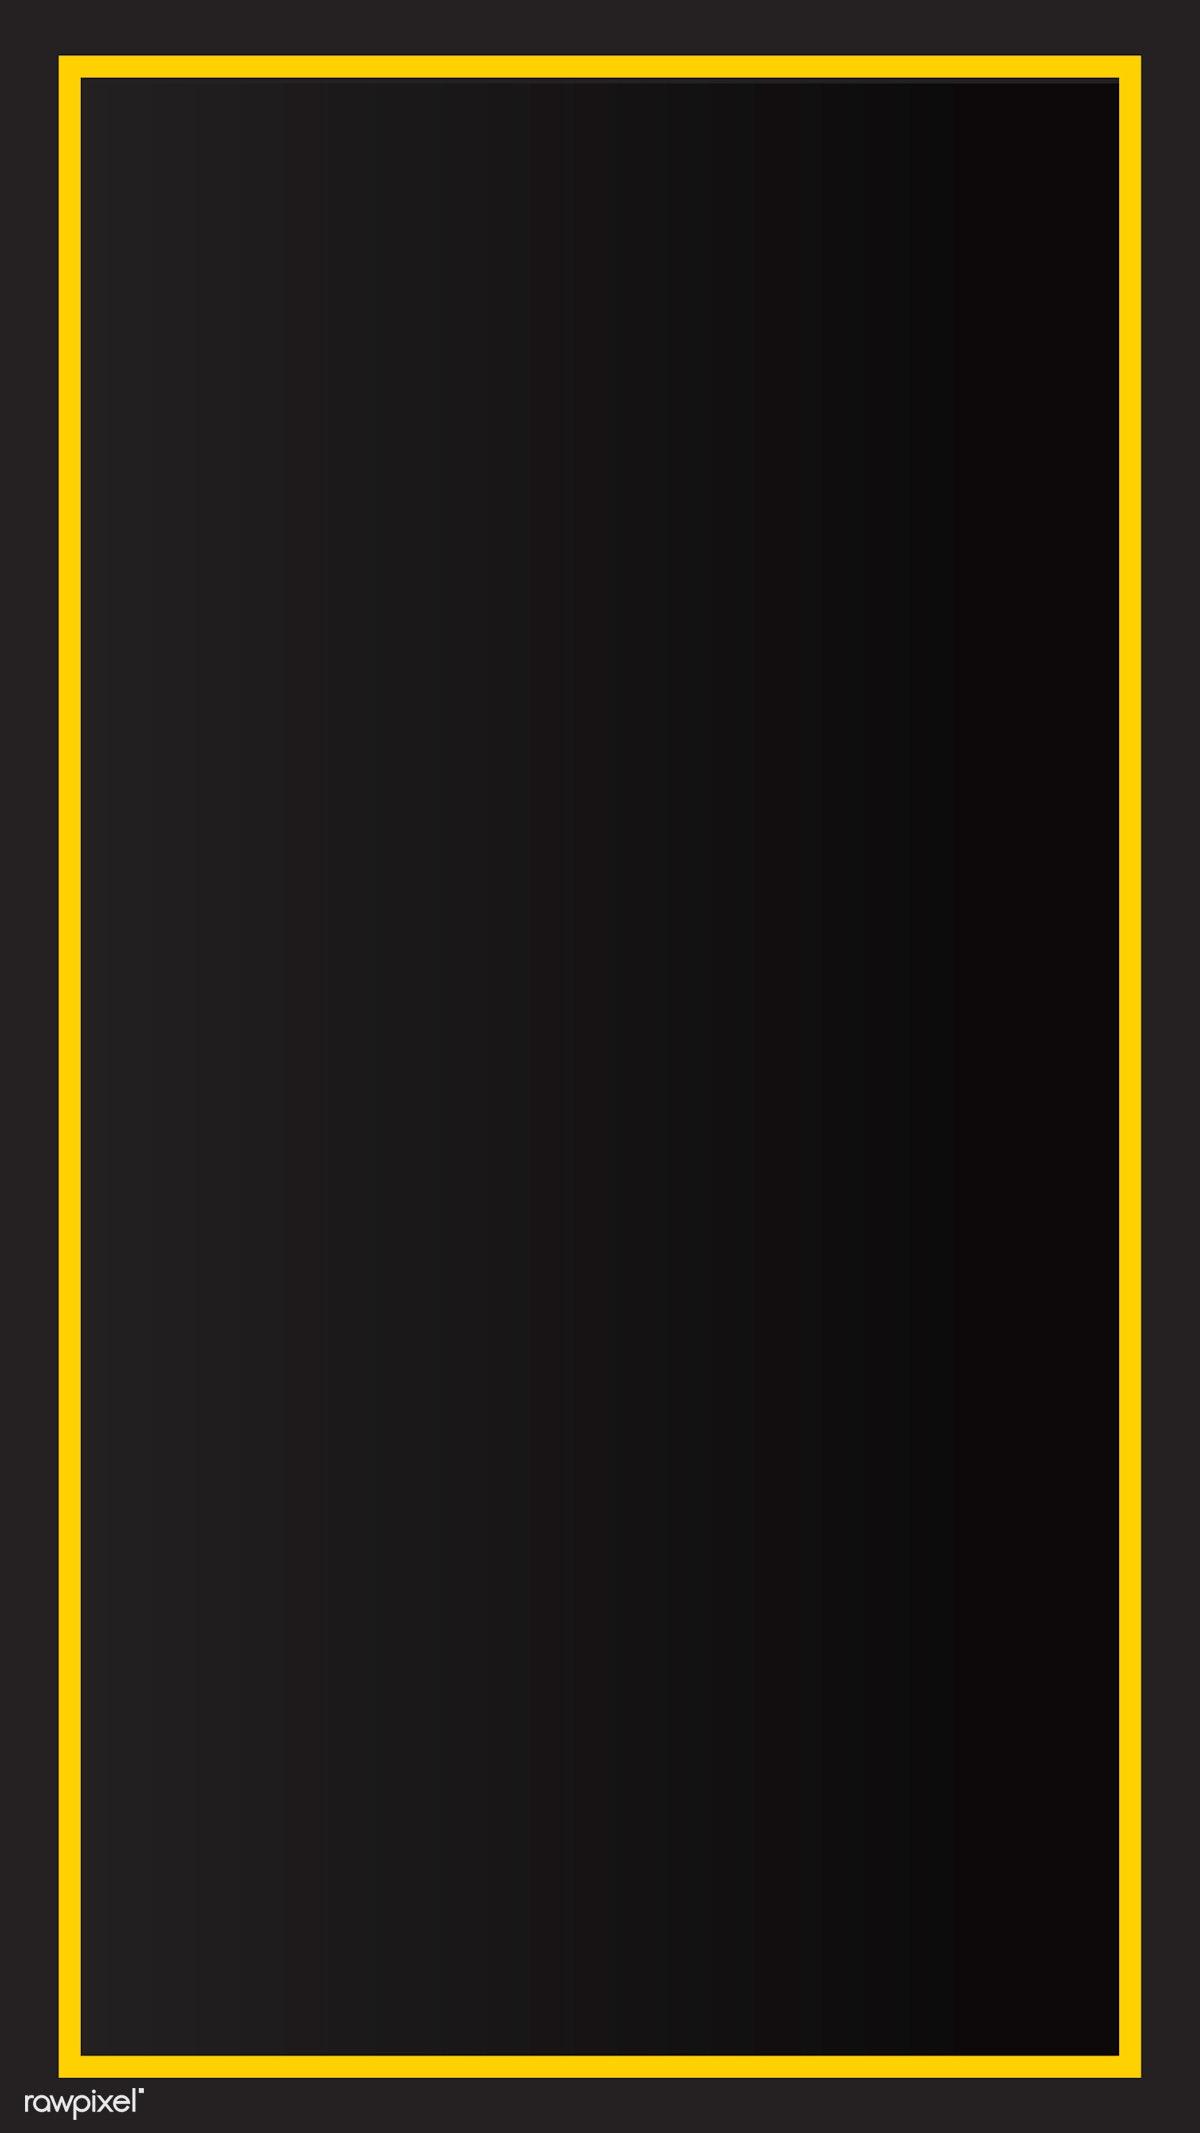 Download Premium Vector Of Yellow Border Black Mobile Phone Wallpaper